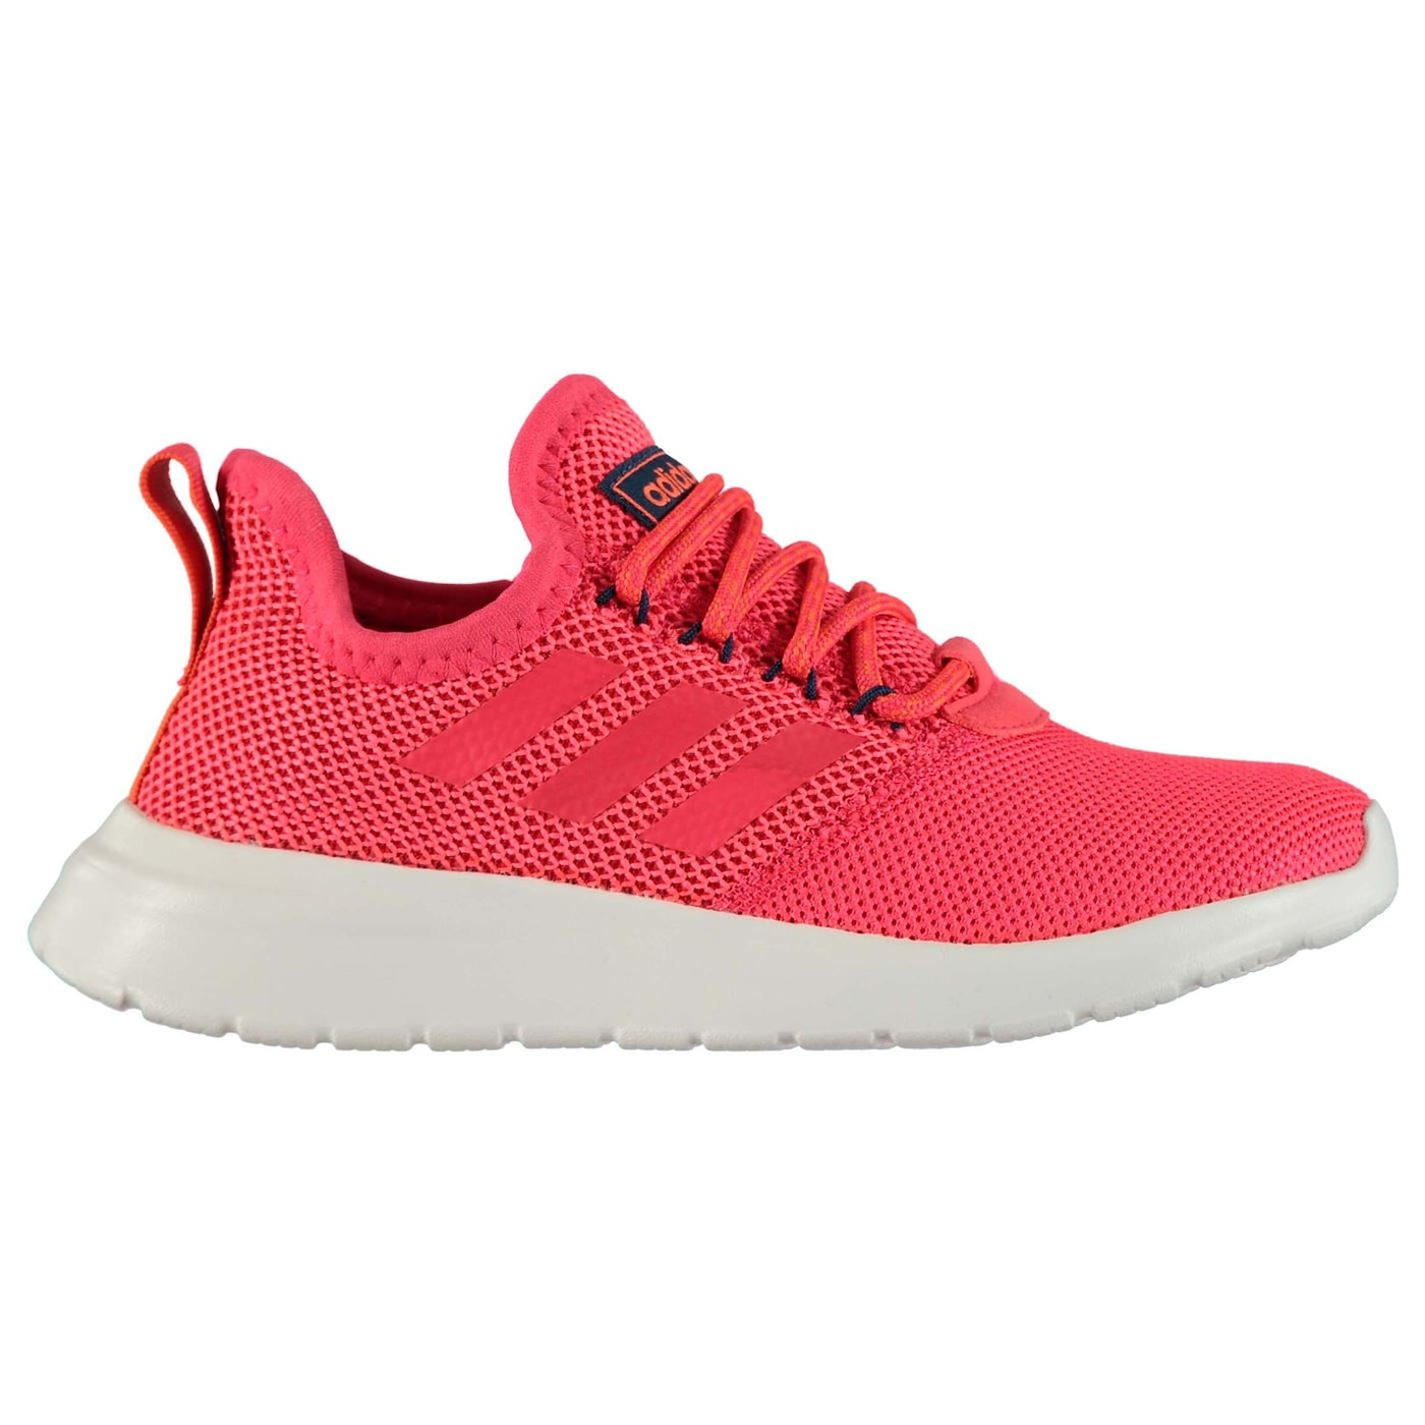 boty Nike Downshifter 6 dámské Running Shoes